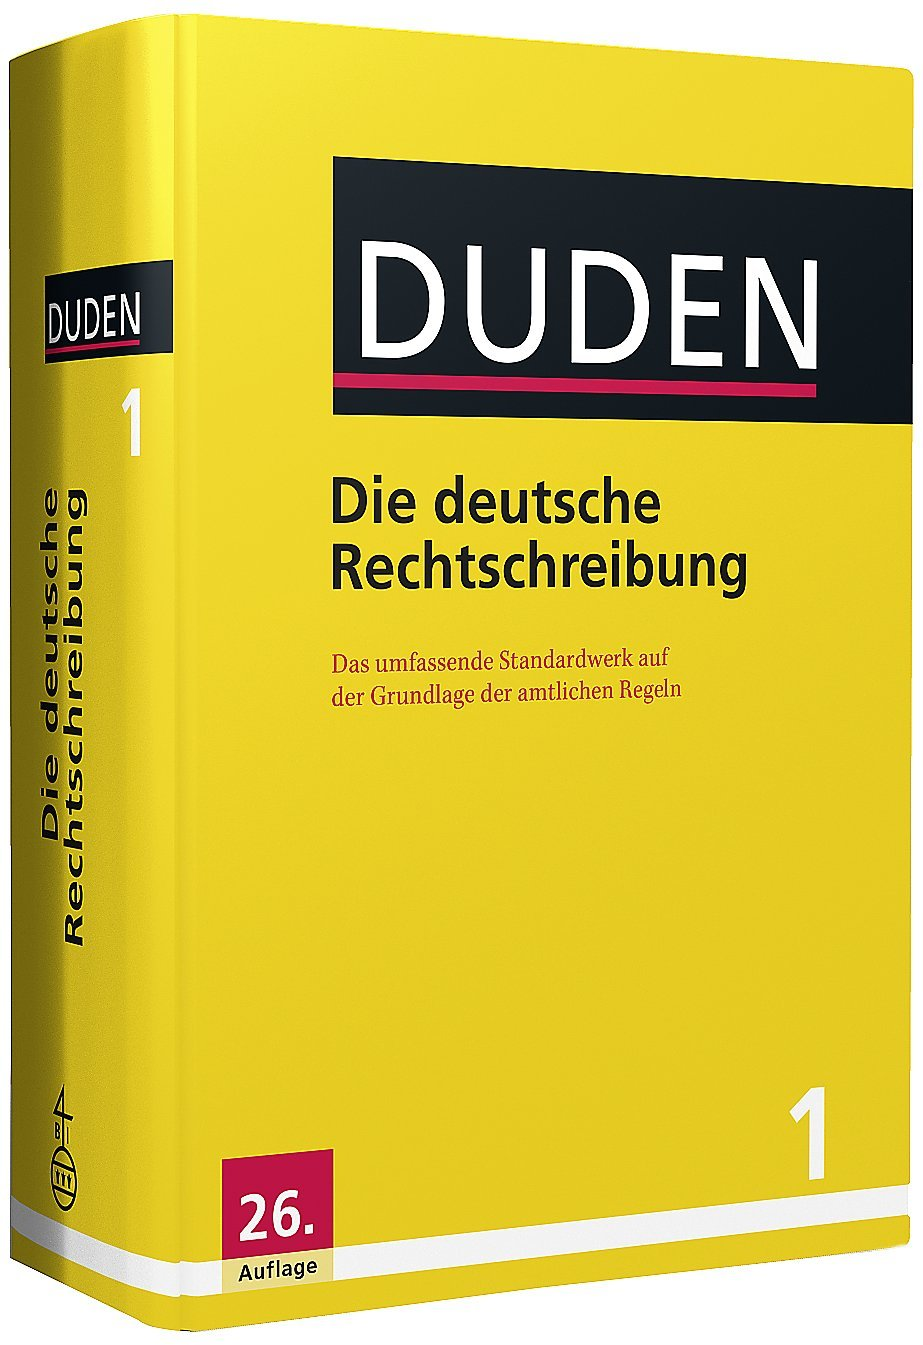 Tür duden  Duden 01. Die deutsche Rechtschreibung: Das umfassende ...